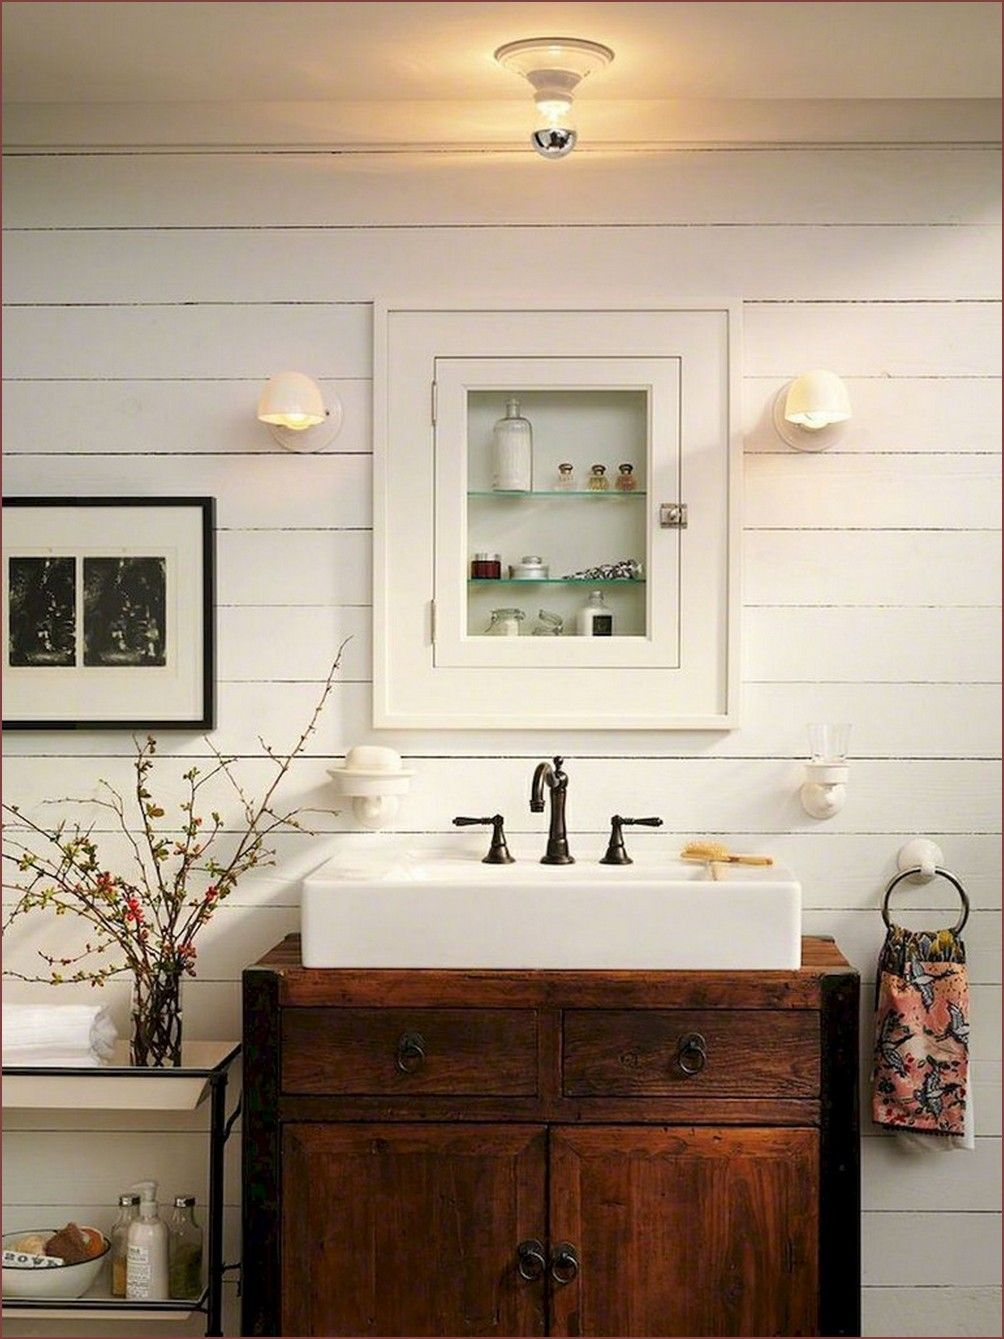 80 top inspire farmhouse bathroom design decor ideas on bathroom renovation ideas nz id=32647